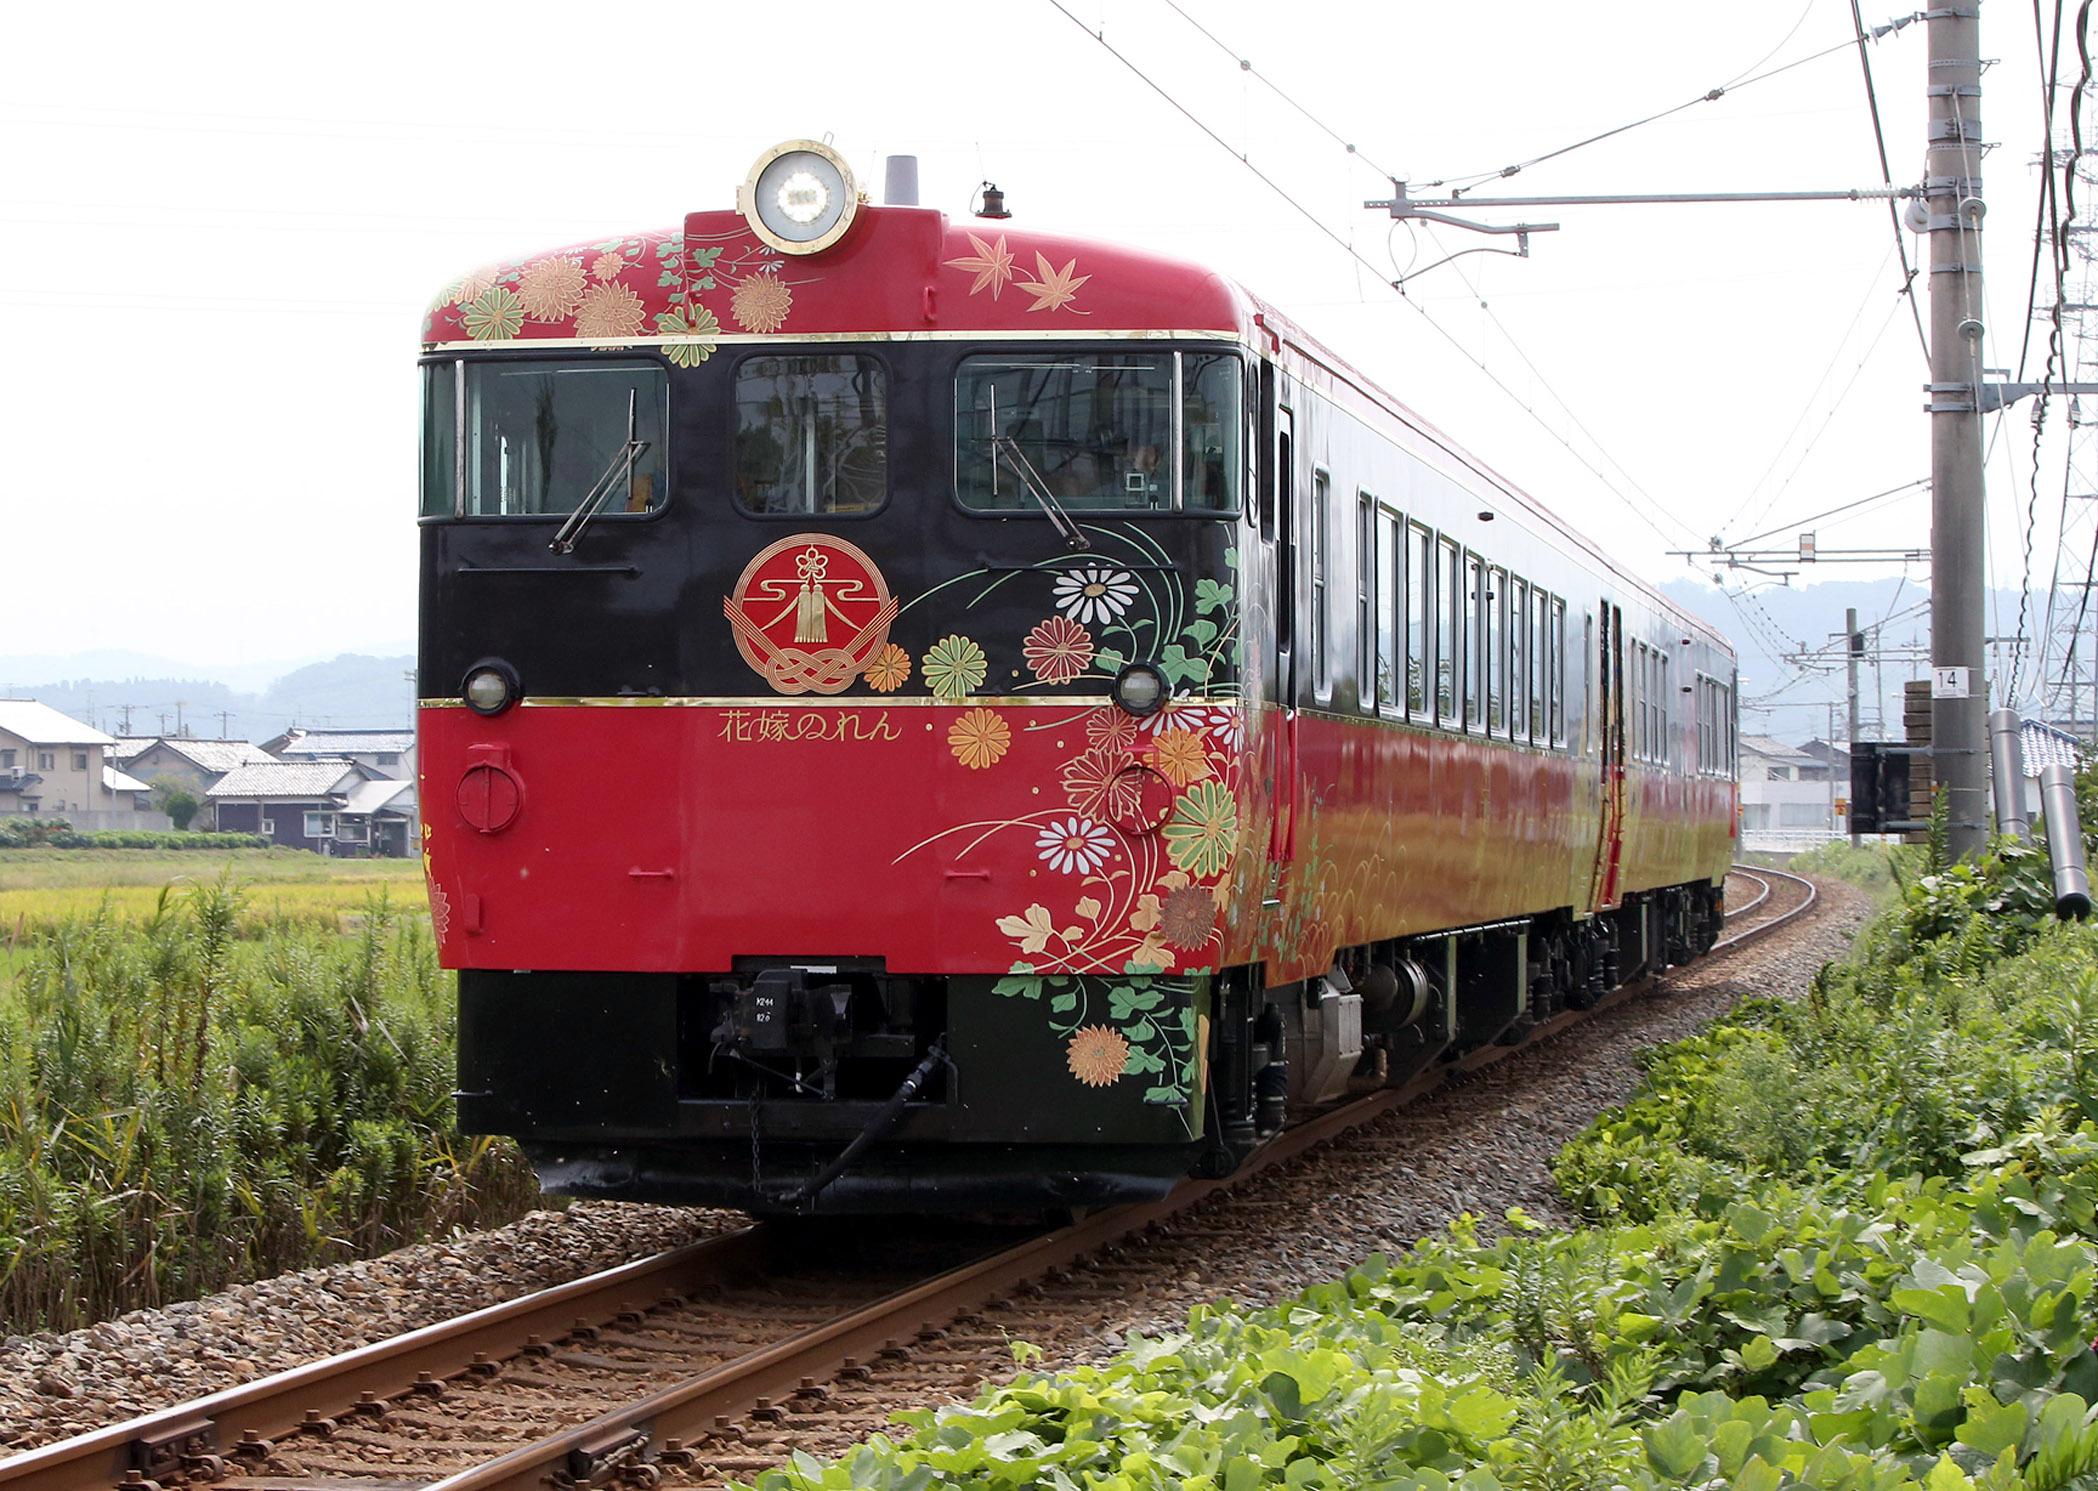 津幡町内を走るJR七尾線の観光列車「花嫁のれん」=16日午前10時半